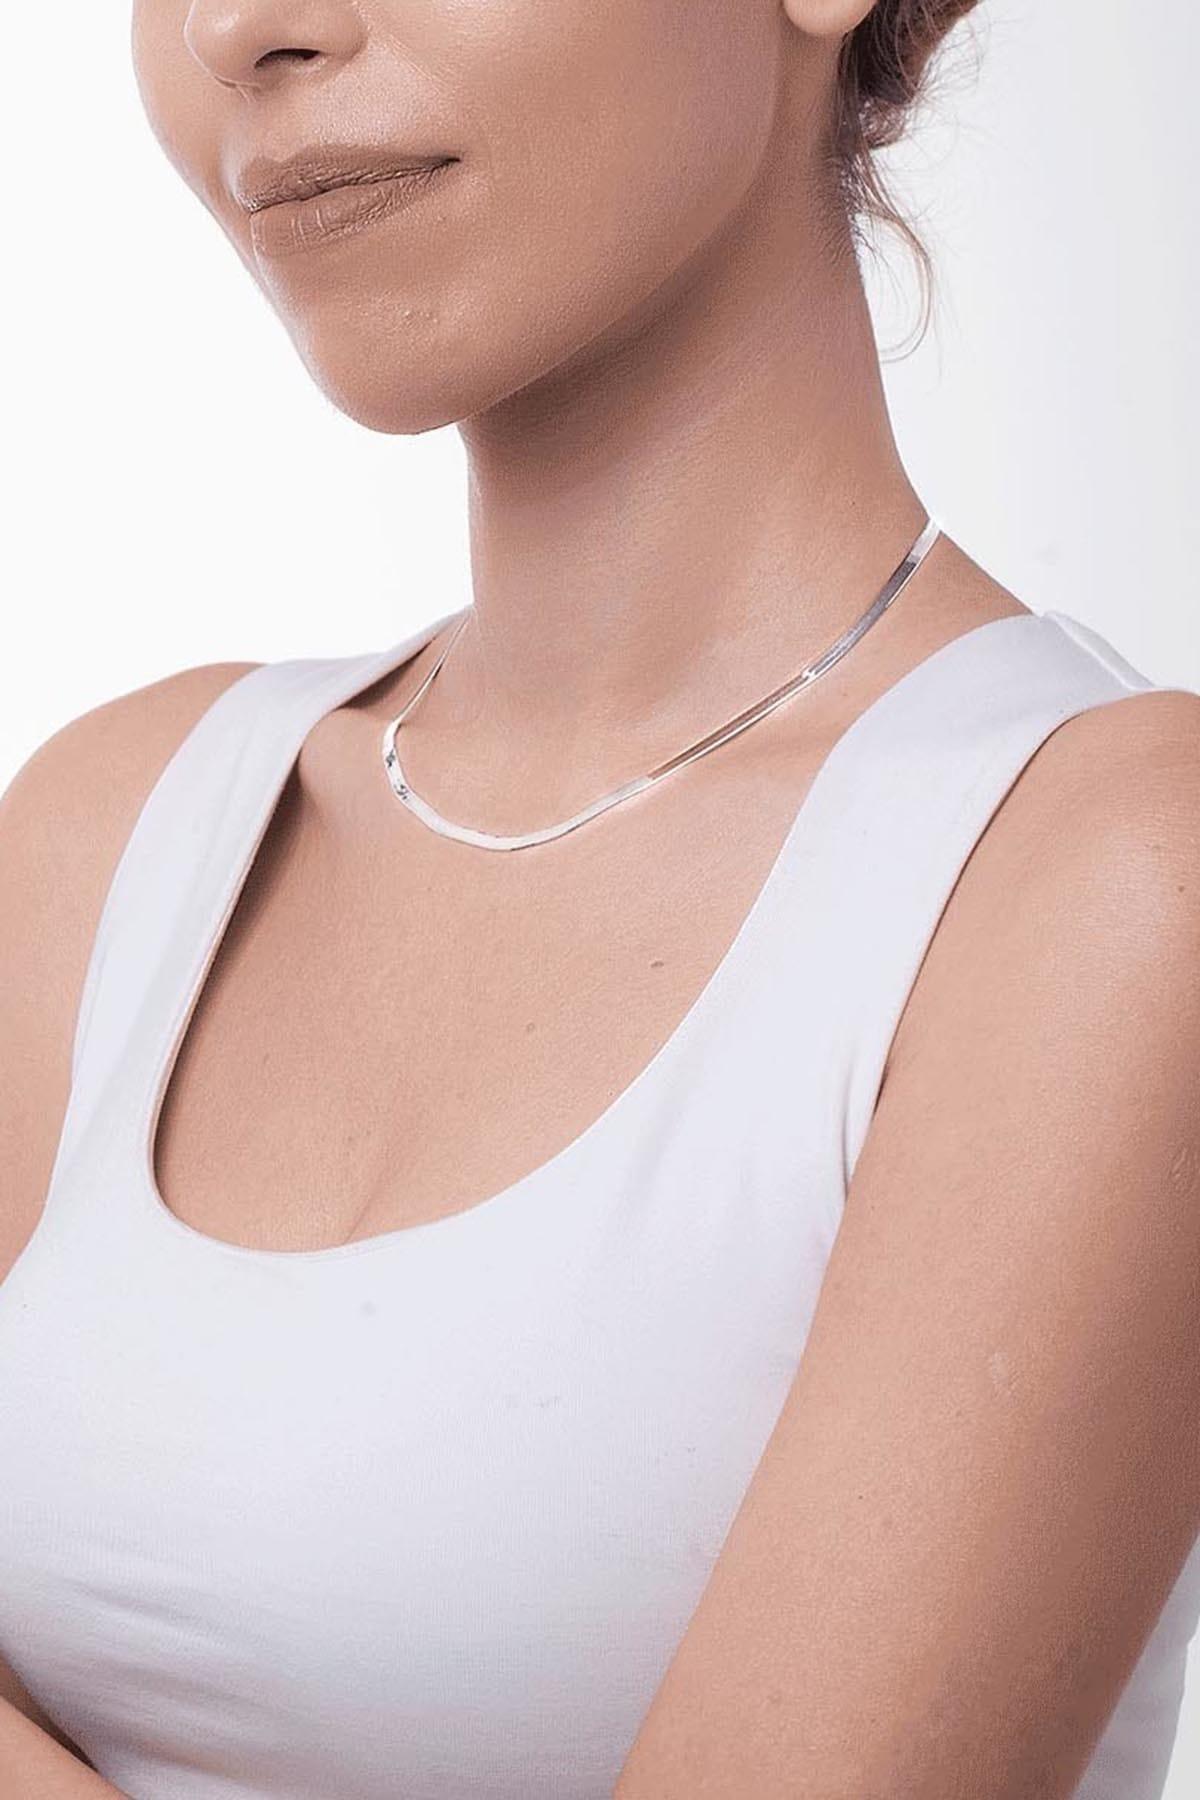 Ninova Silver Yassı Model Gümüş İtalyan Zincir